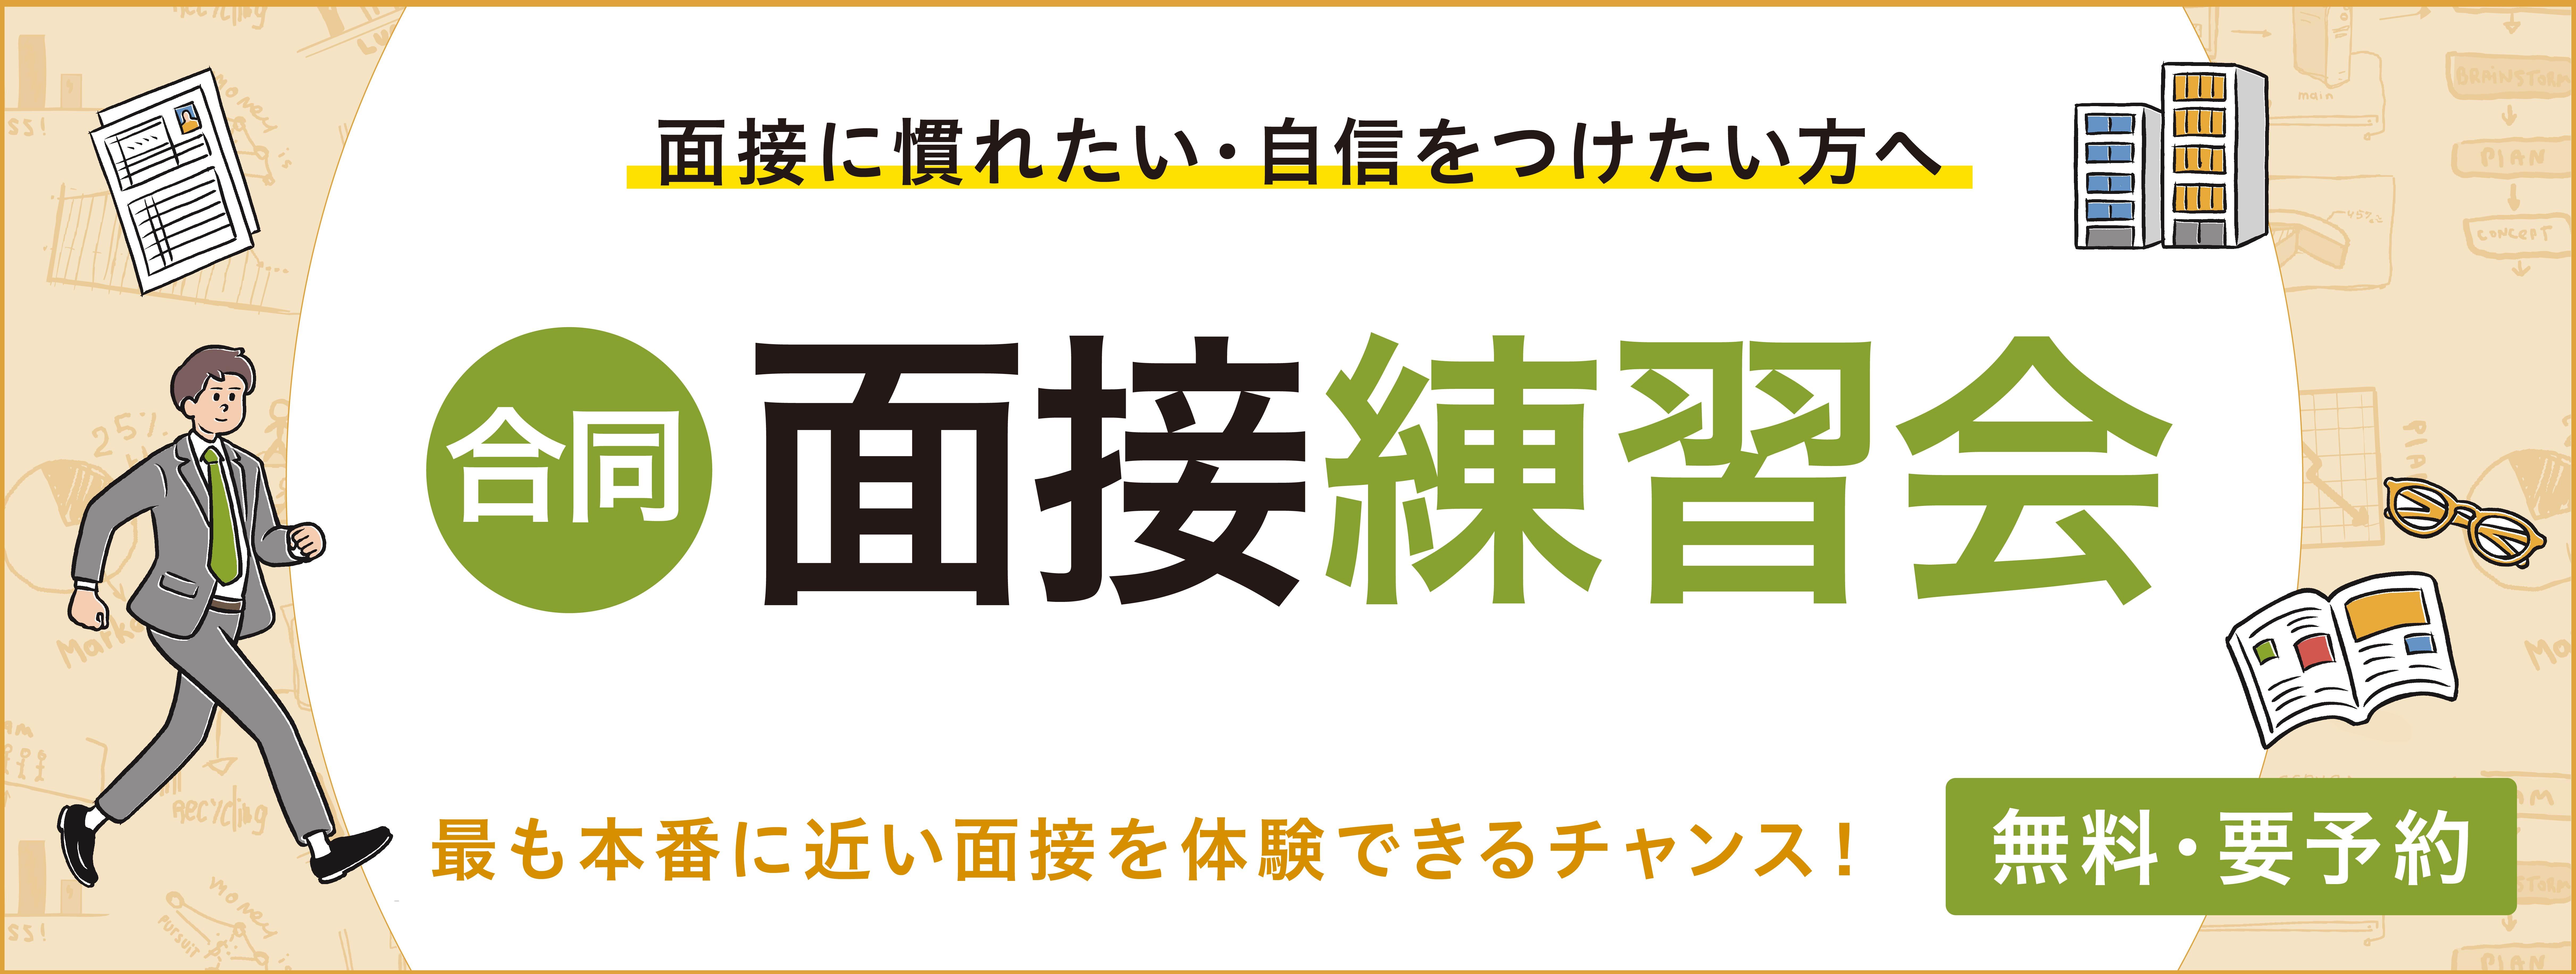 合同面接練習会(12月1日北九州開催)